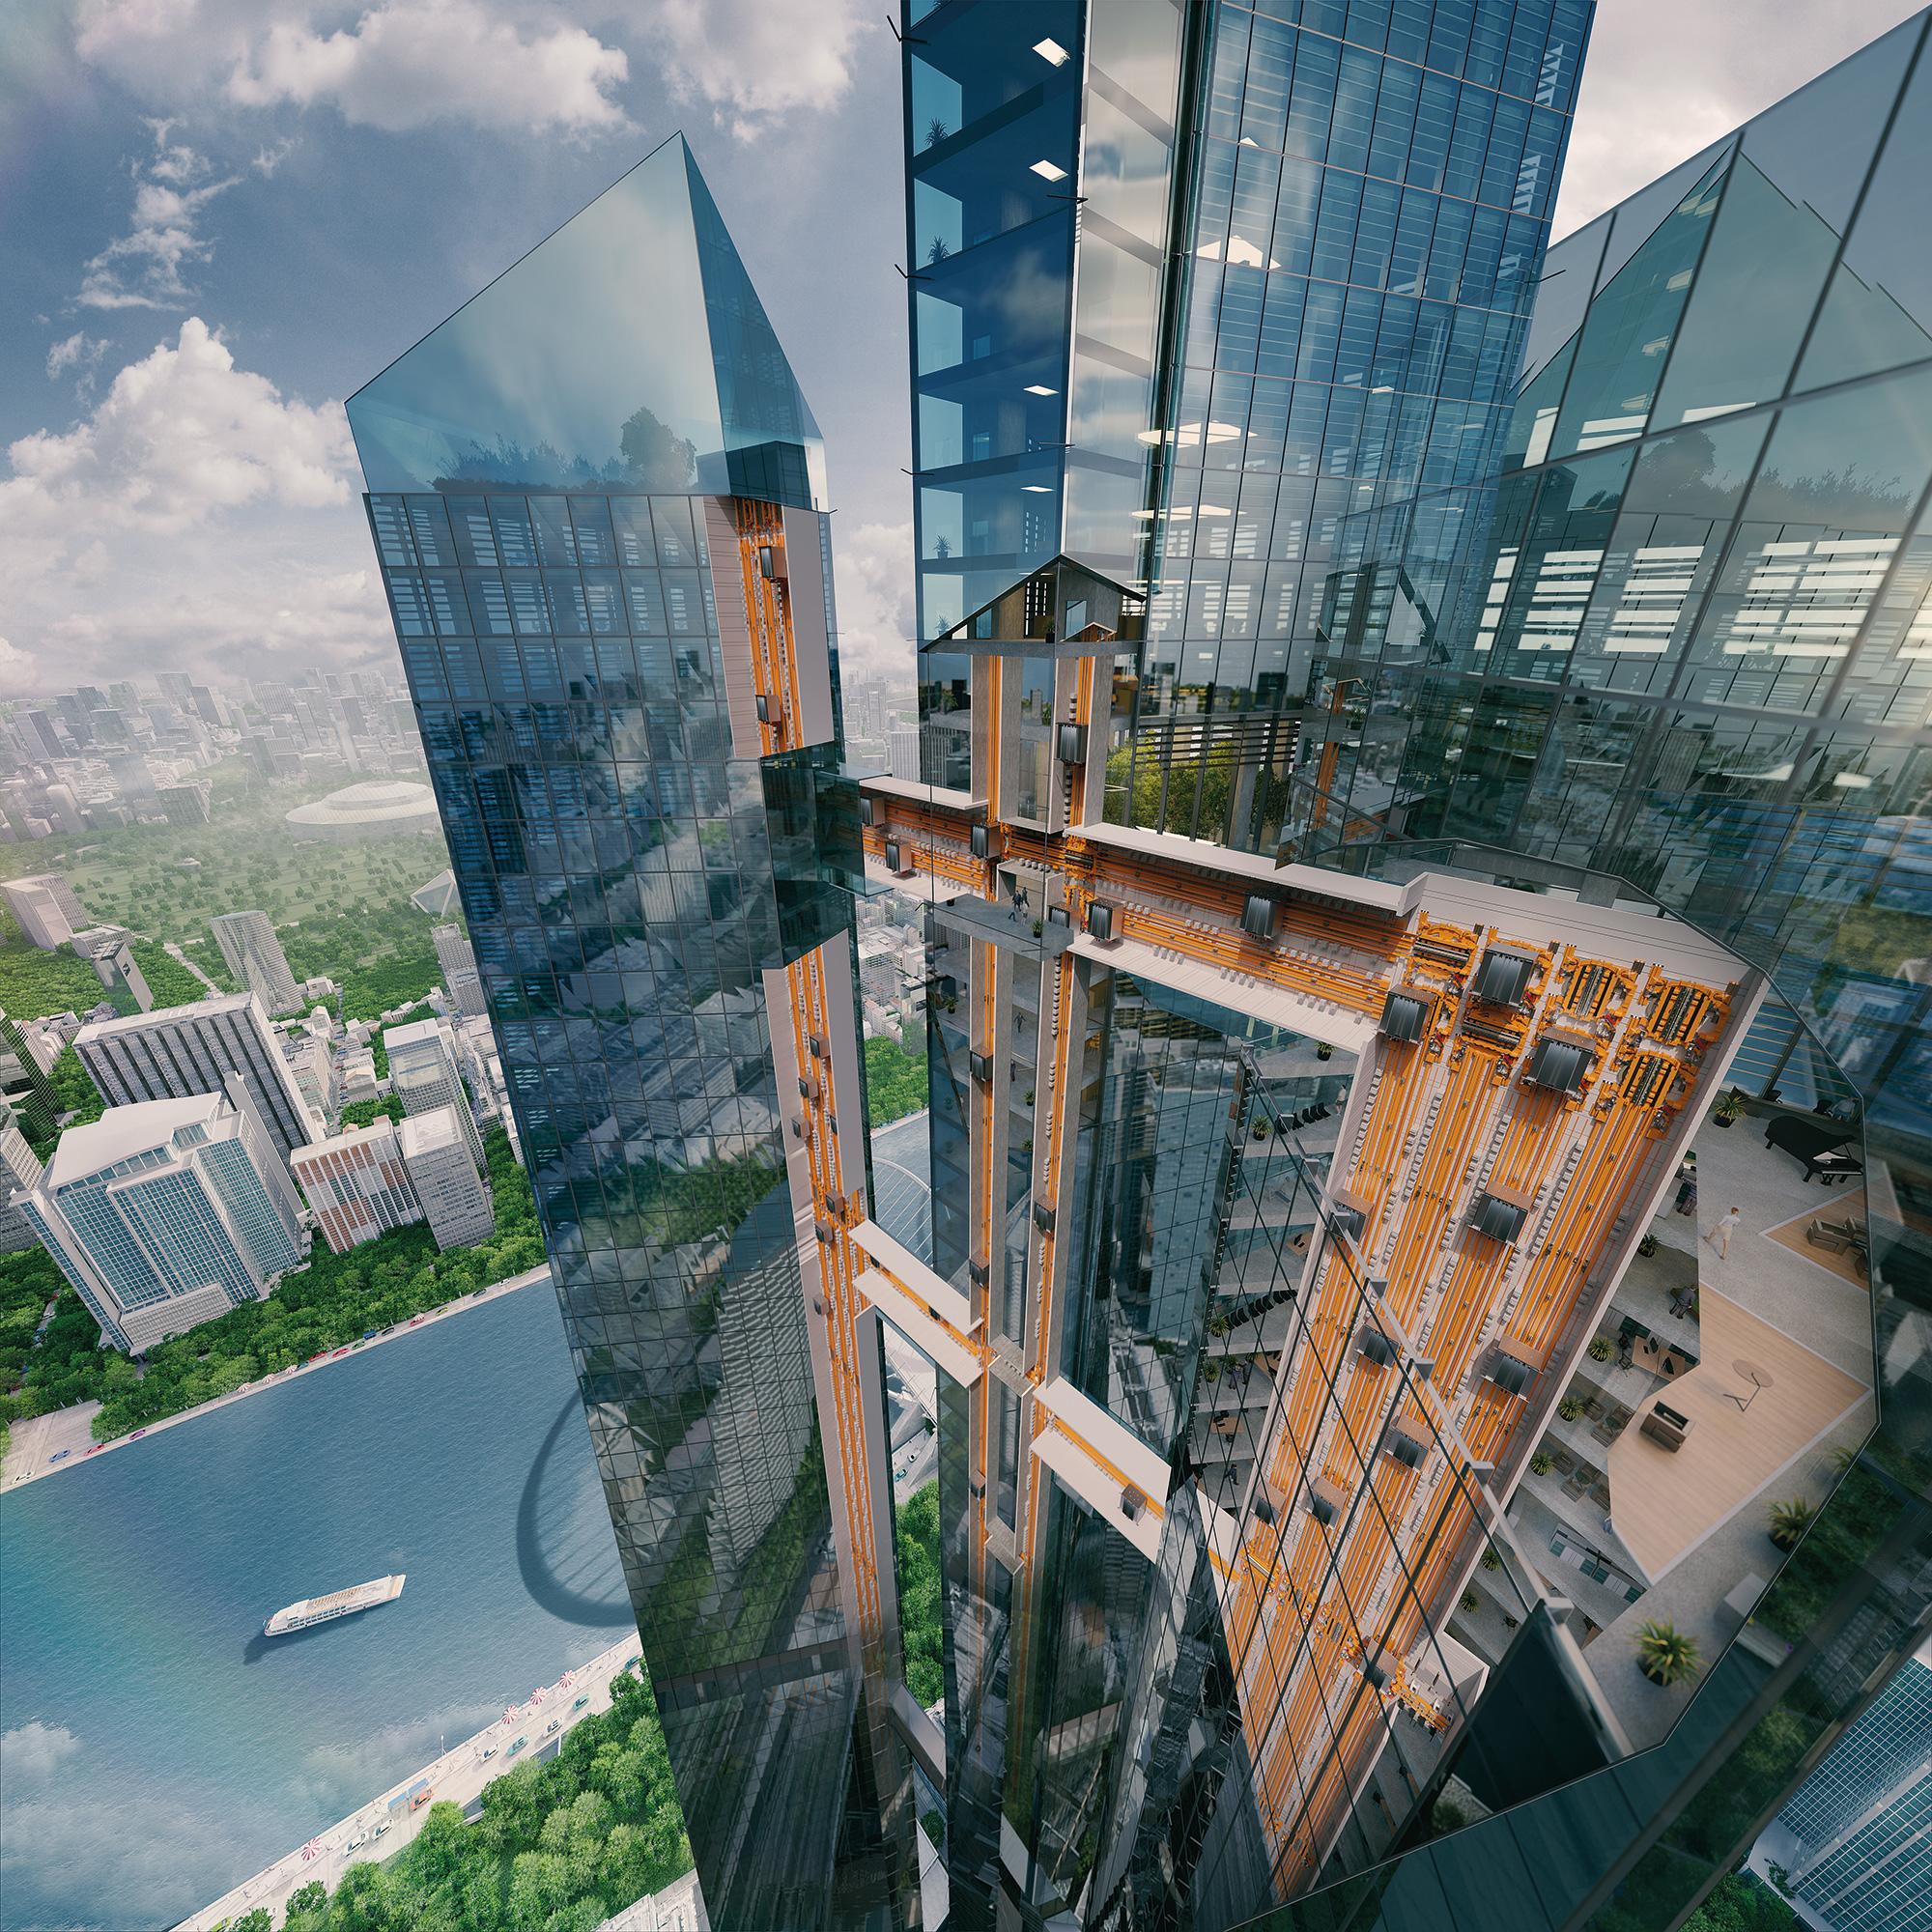 Das Wohnen in superhohen Gebäuden wird für die Stadt der Zukunft Realität. Wie werden wir uns dann fortbewegen?